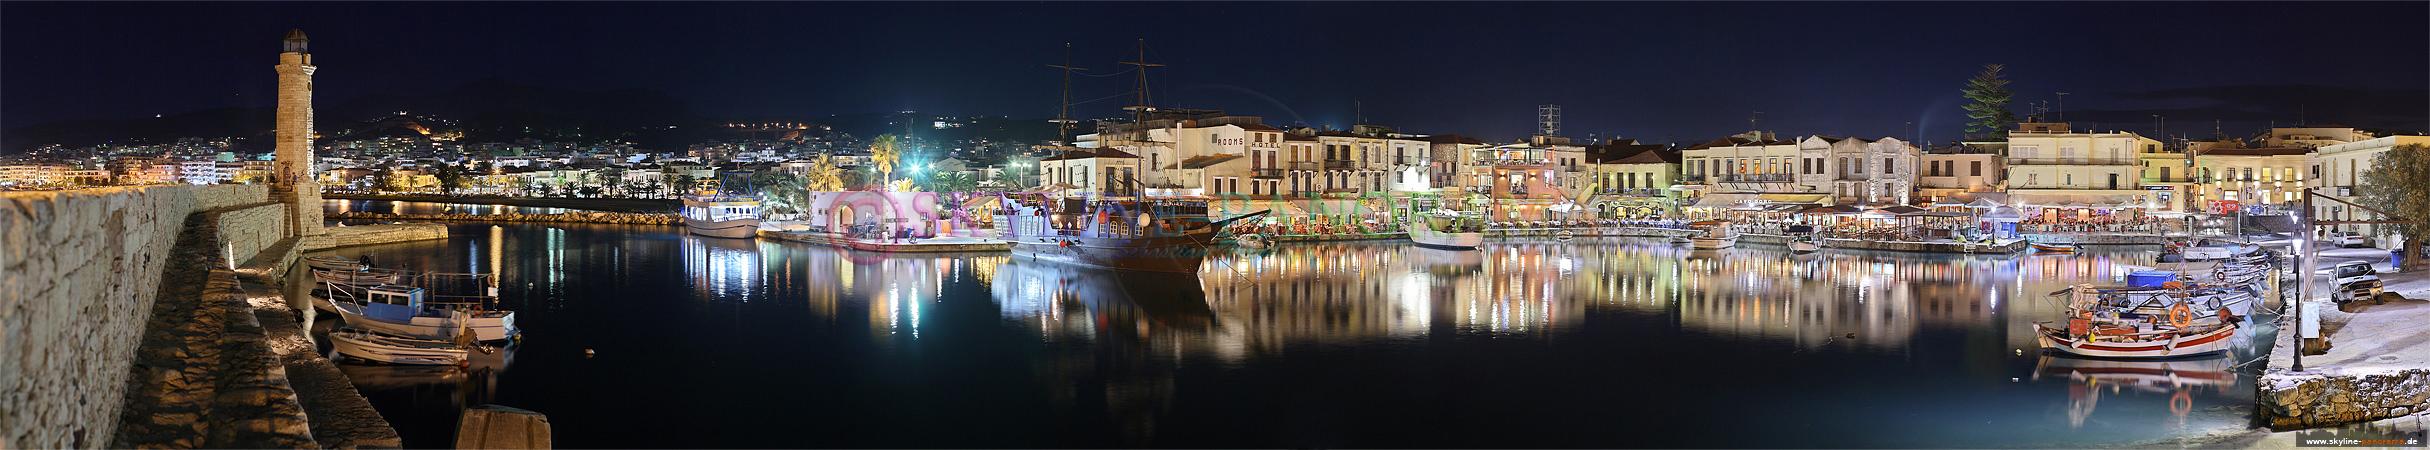 Panorama Rethymnon - der venezianische Hafen mit dem Leuchtturm von Rethymnon in einer Ansicht die abends entstanden ist und den Blick in das Hafenbecken zeigt.